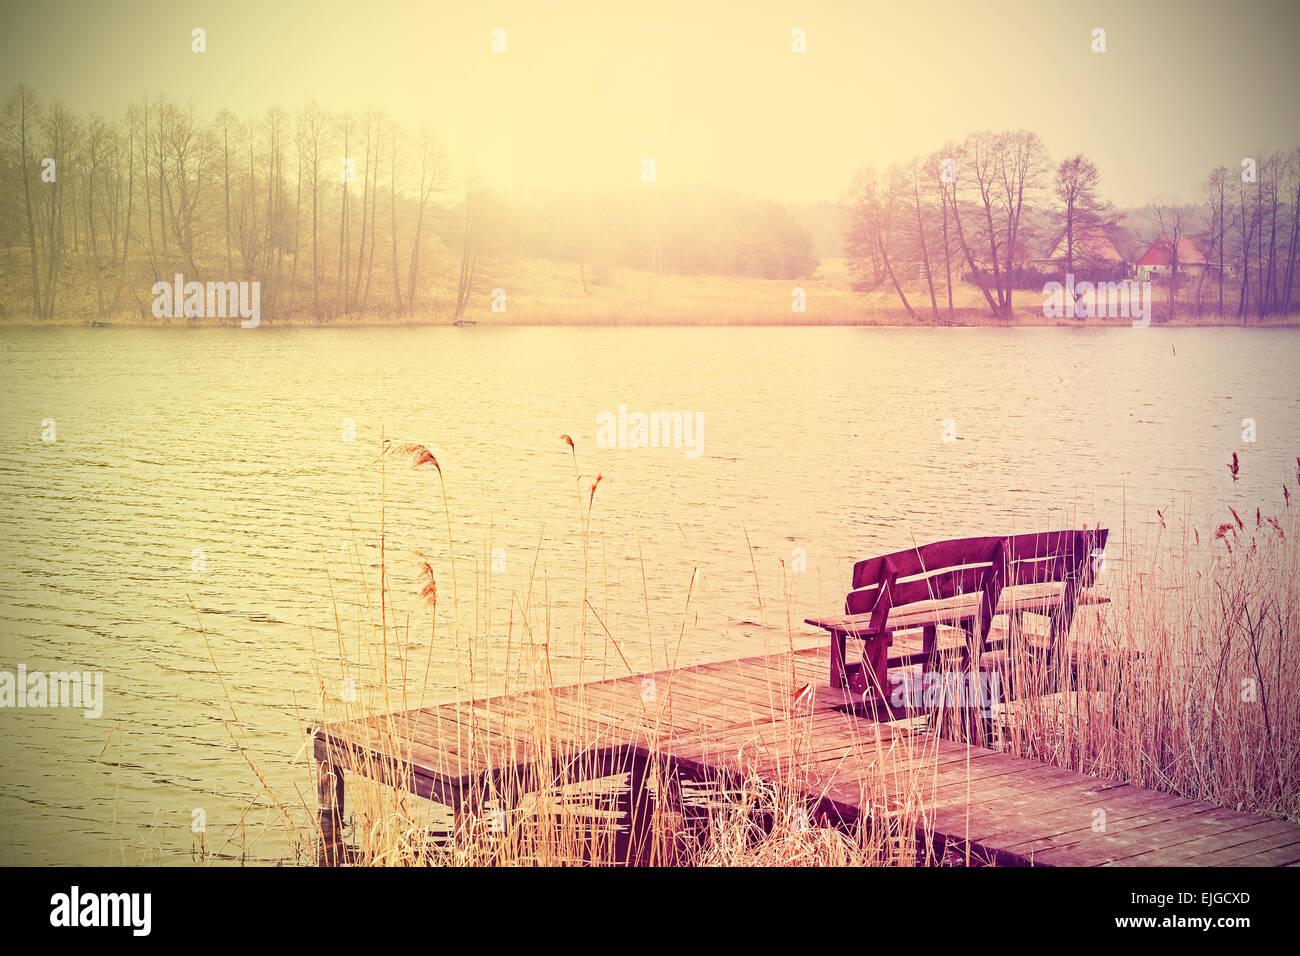 Vintage estilizado foto de un banco de madera en el lago. Foto de stock